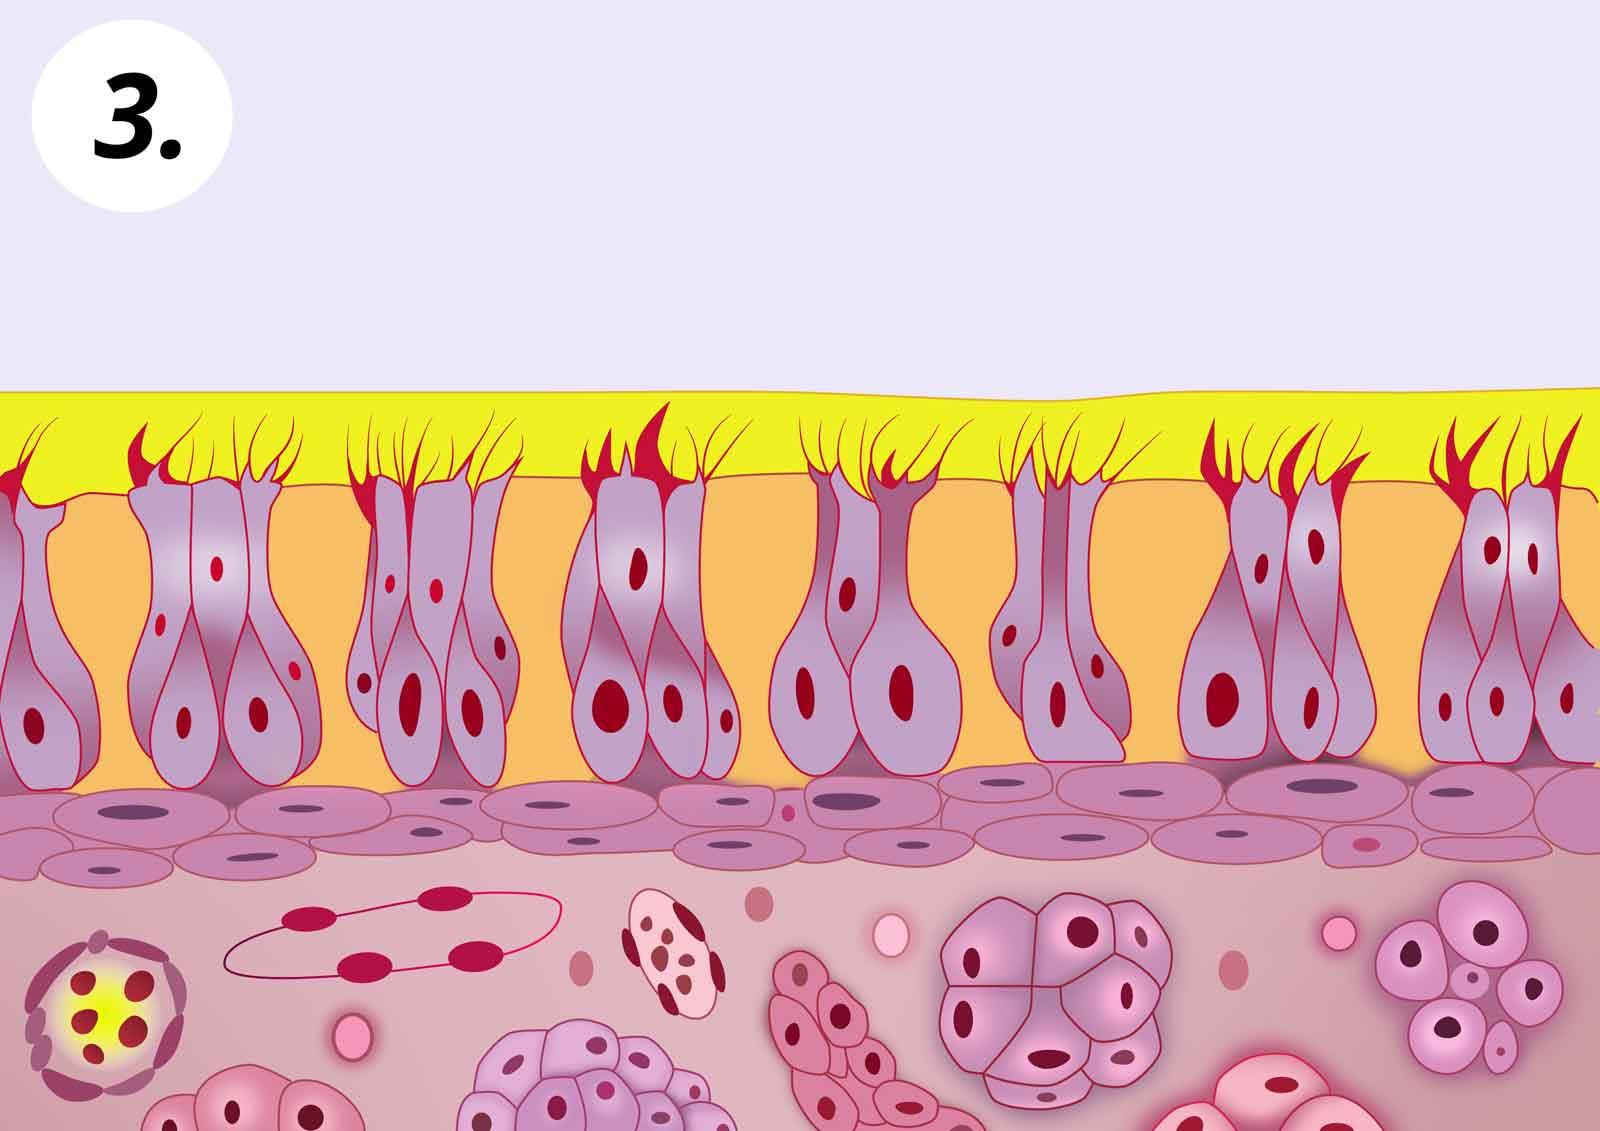 3. Ismét tiszta az orrnyálkahártya, mert kimostuk a vírusokat és egyéb szennyeződéseket az orrból.